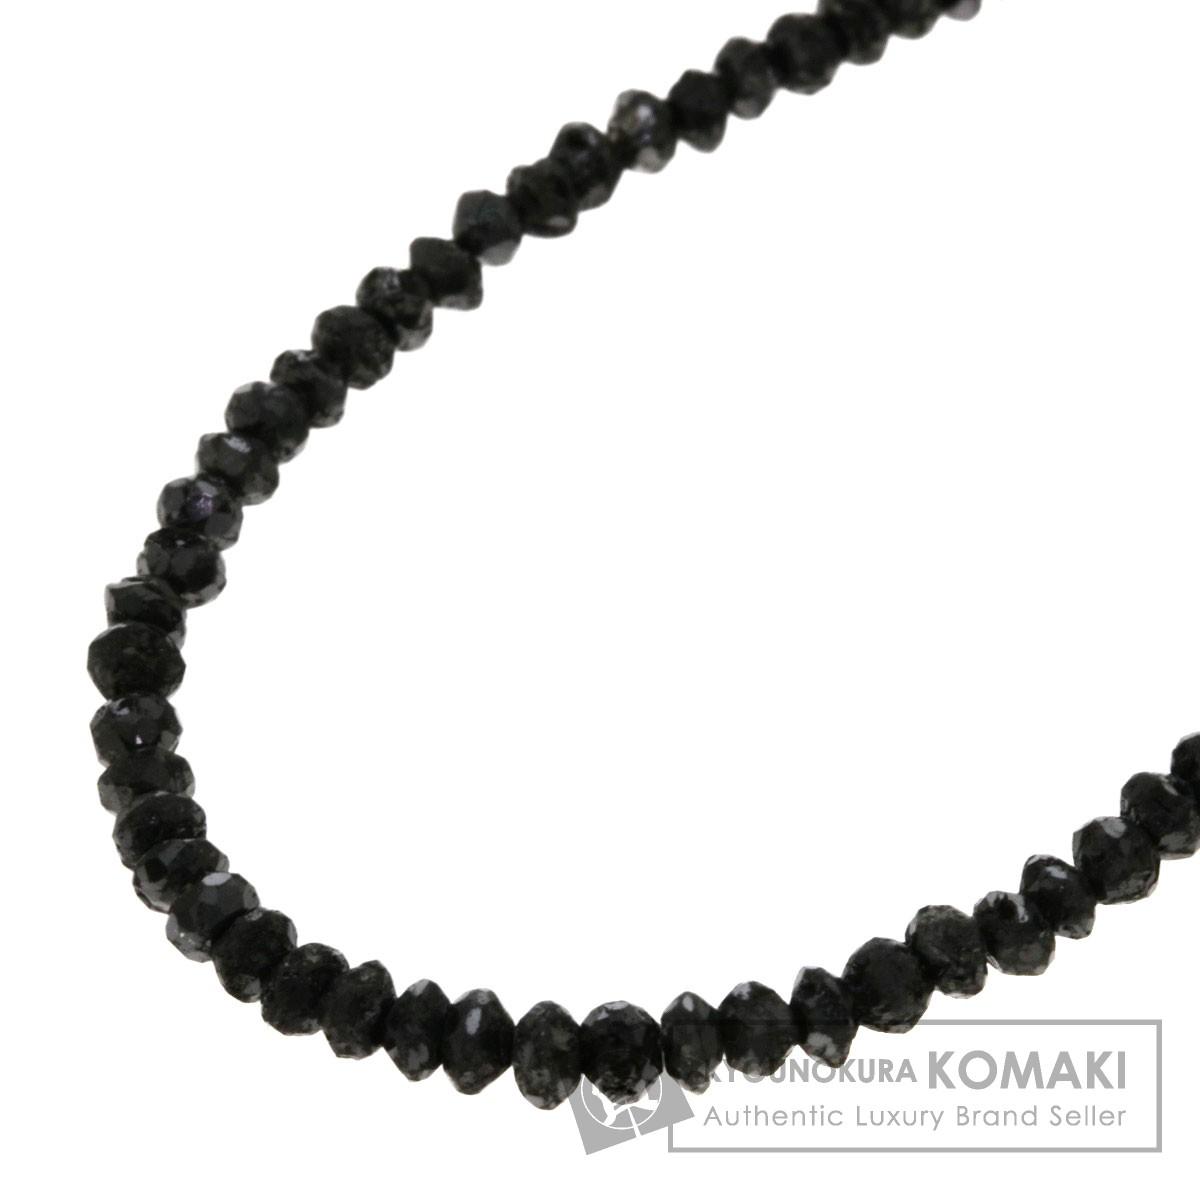 20ct ブラックダイヤモンド ネックレス K18ホワイトゴールド 5g レディース 【中古】